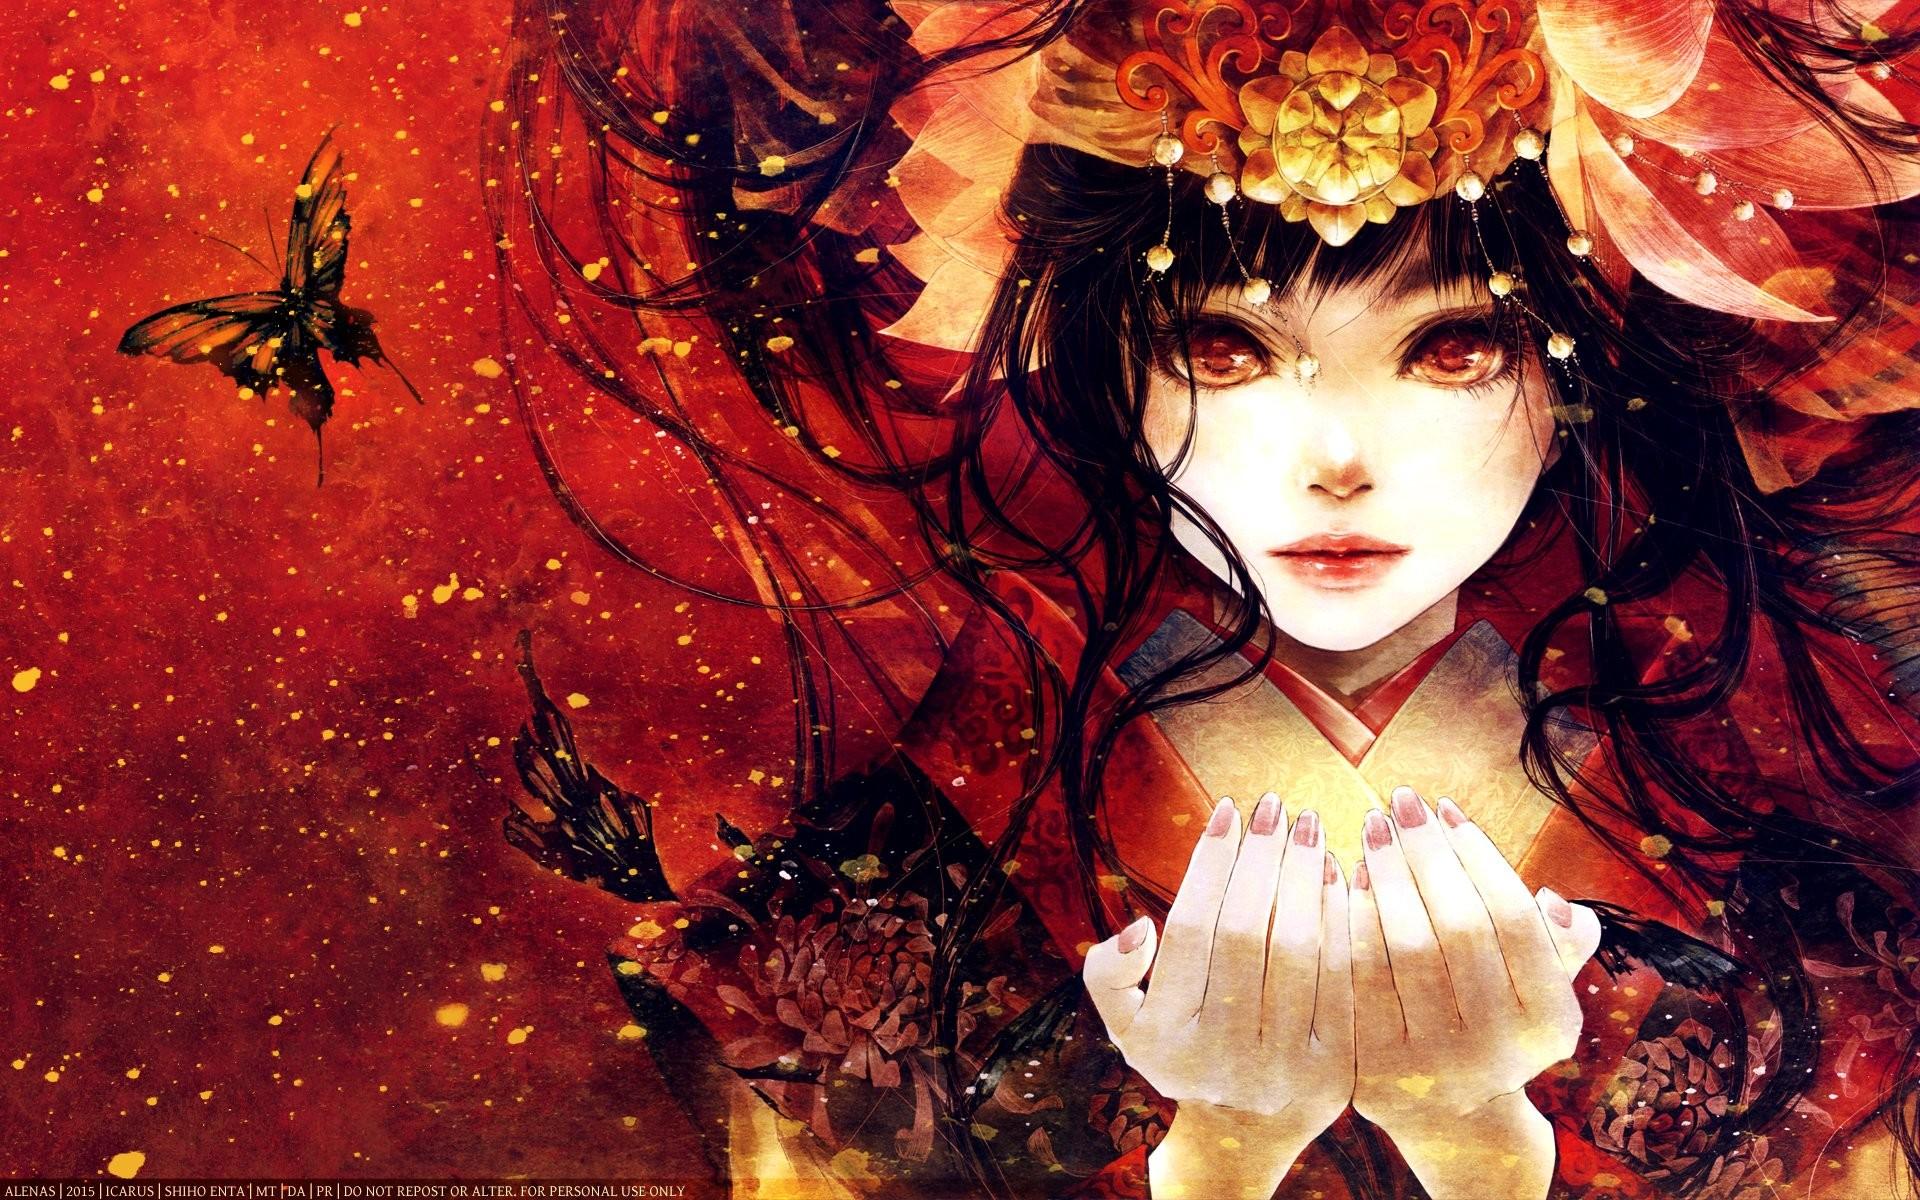 Anime – Girl Anime Red Butterfly Flower Wallpaper